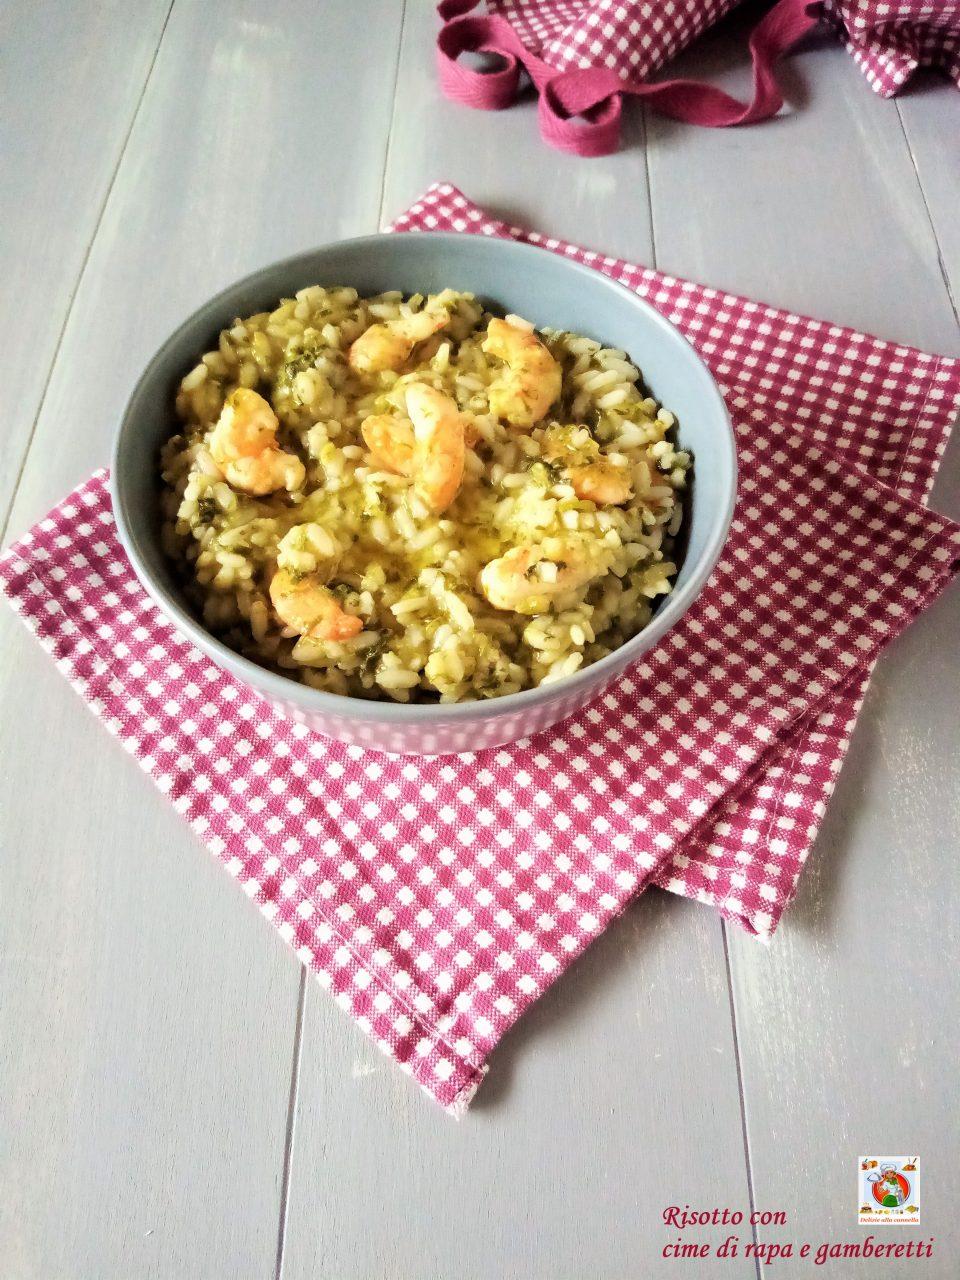 risotto con cime di rapa e gamberetti v1